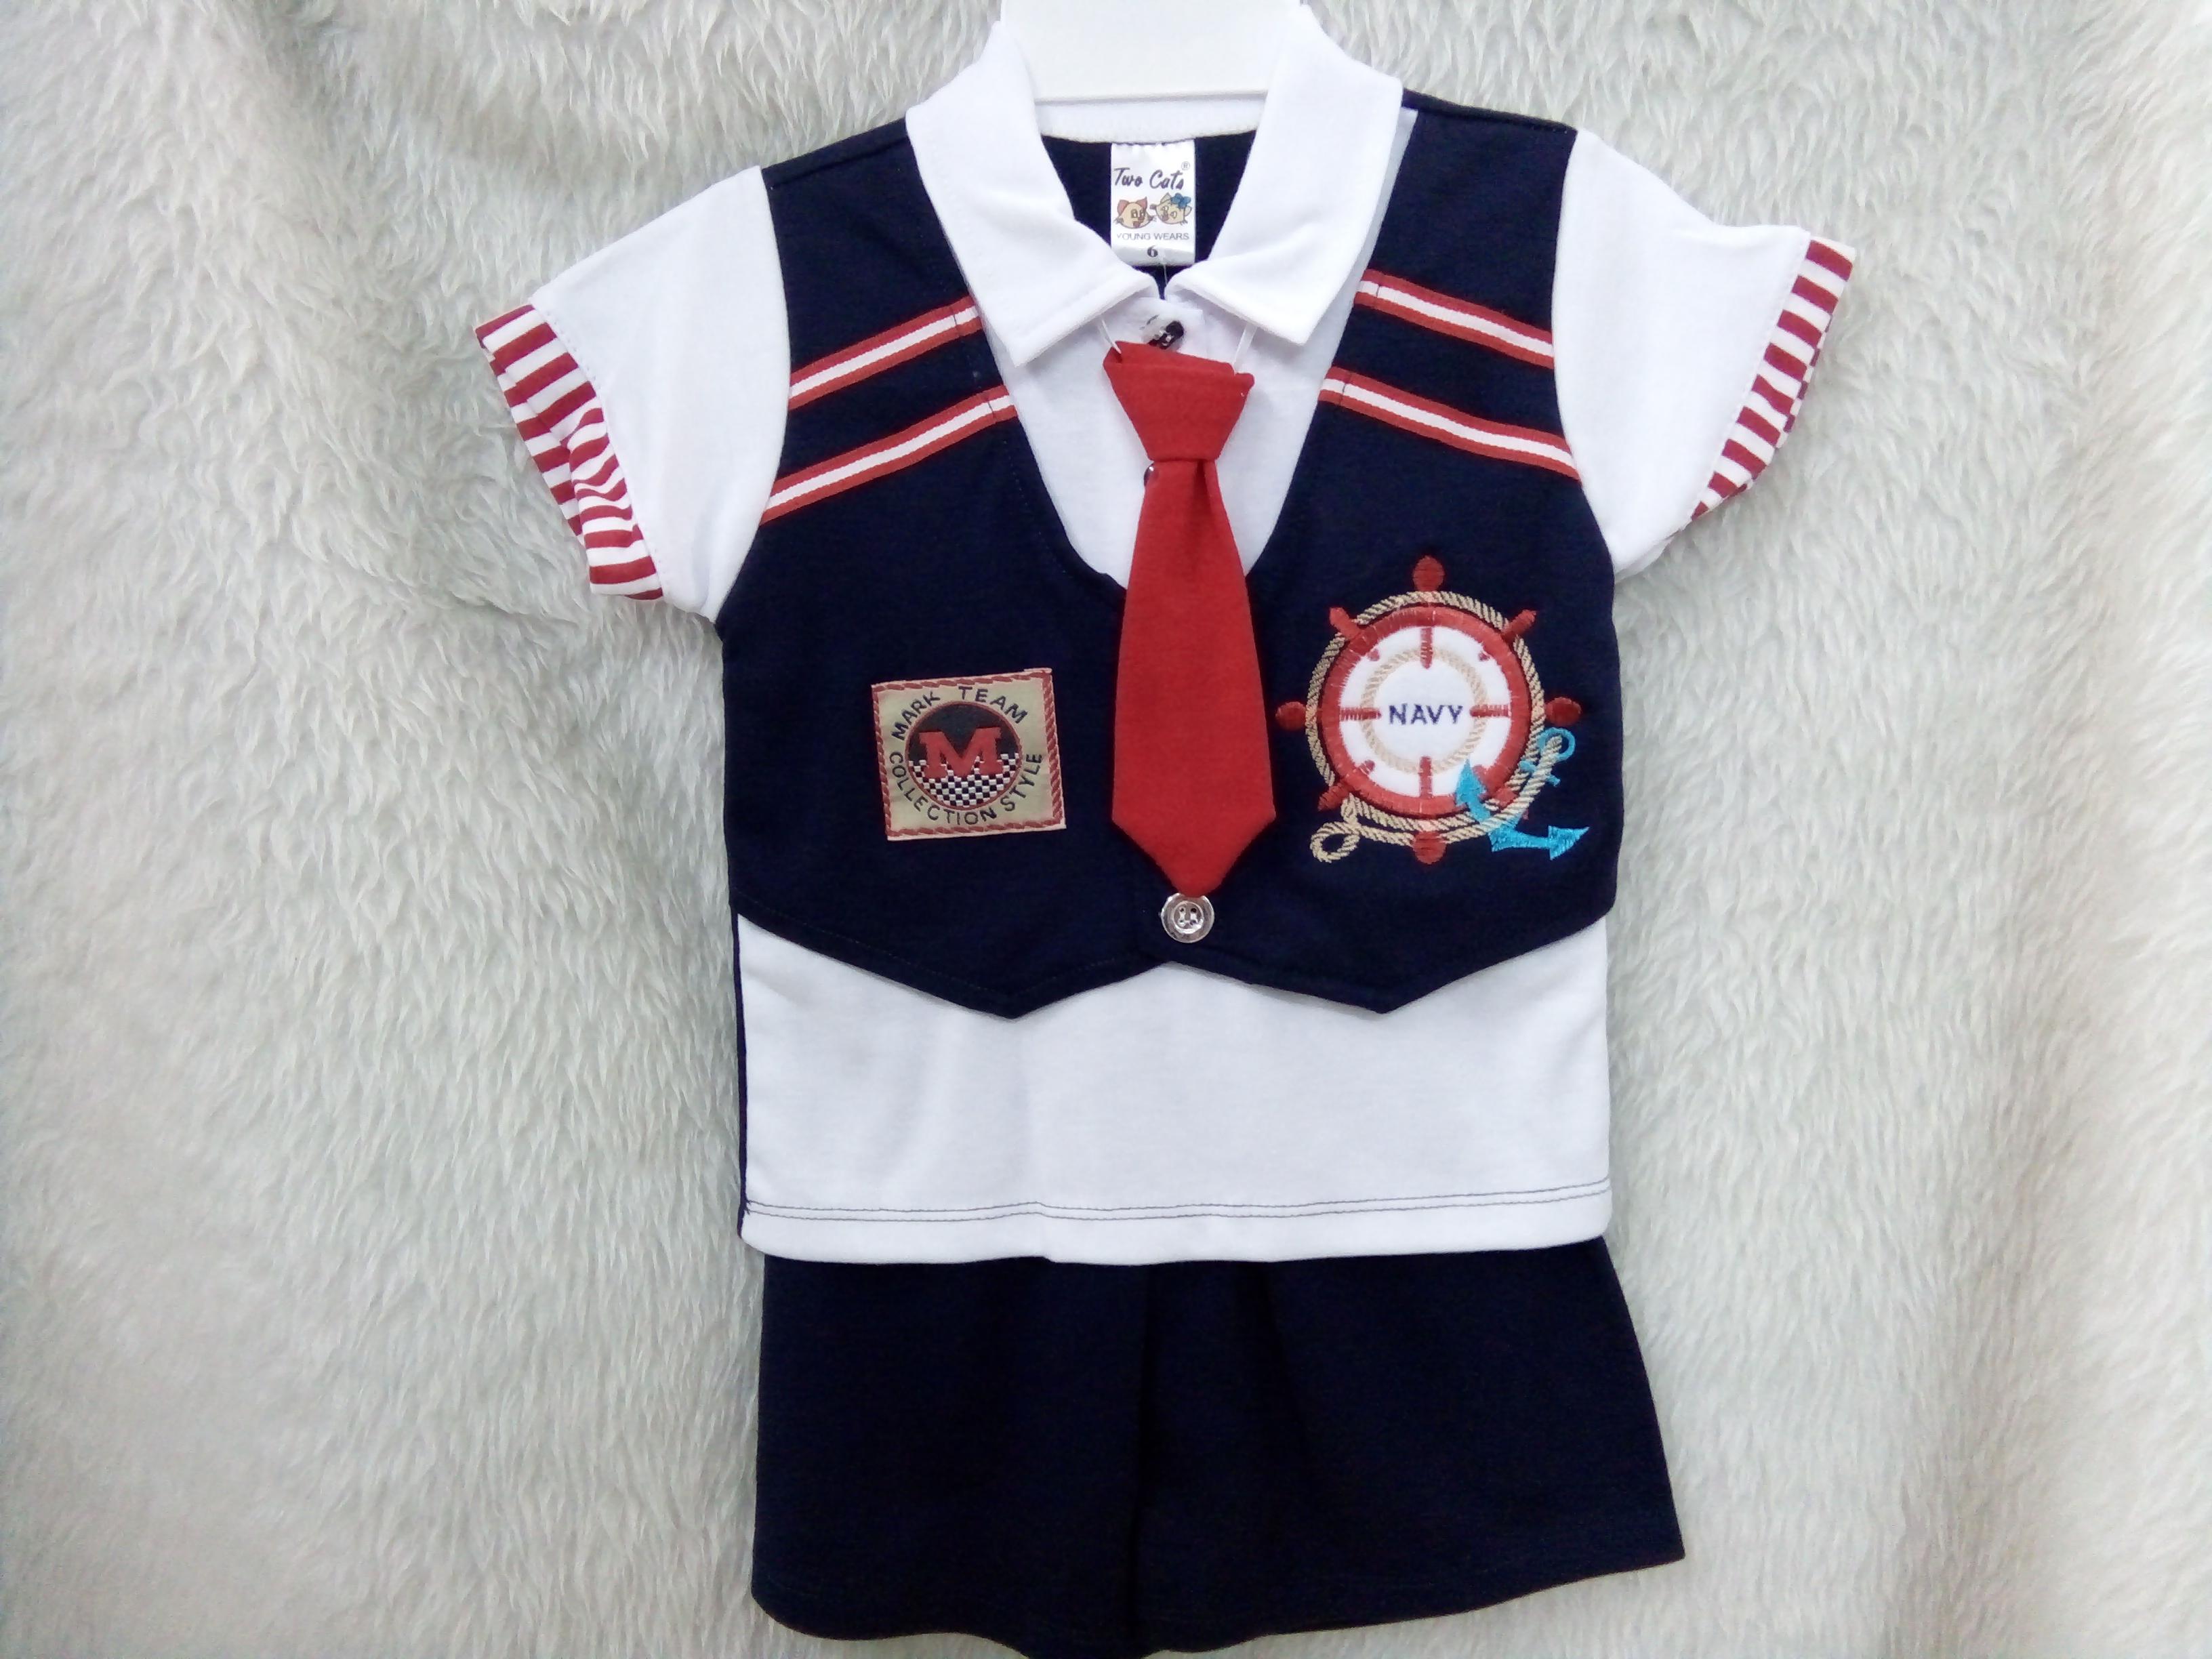 ชุดเด็กชาย วัย 1-4 ปี เสื้อยืดเนคไทสั้น พร้อมกั๊กหน้าเสื้อ หล่อน่ารักสไตล์เกาหลี